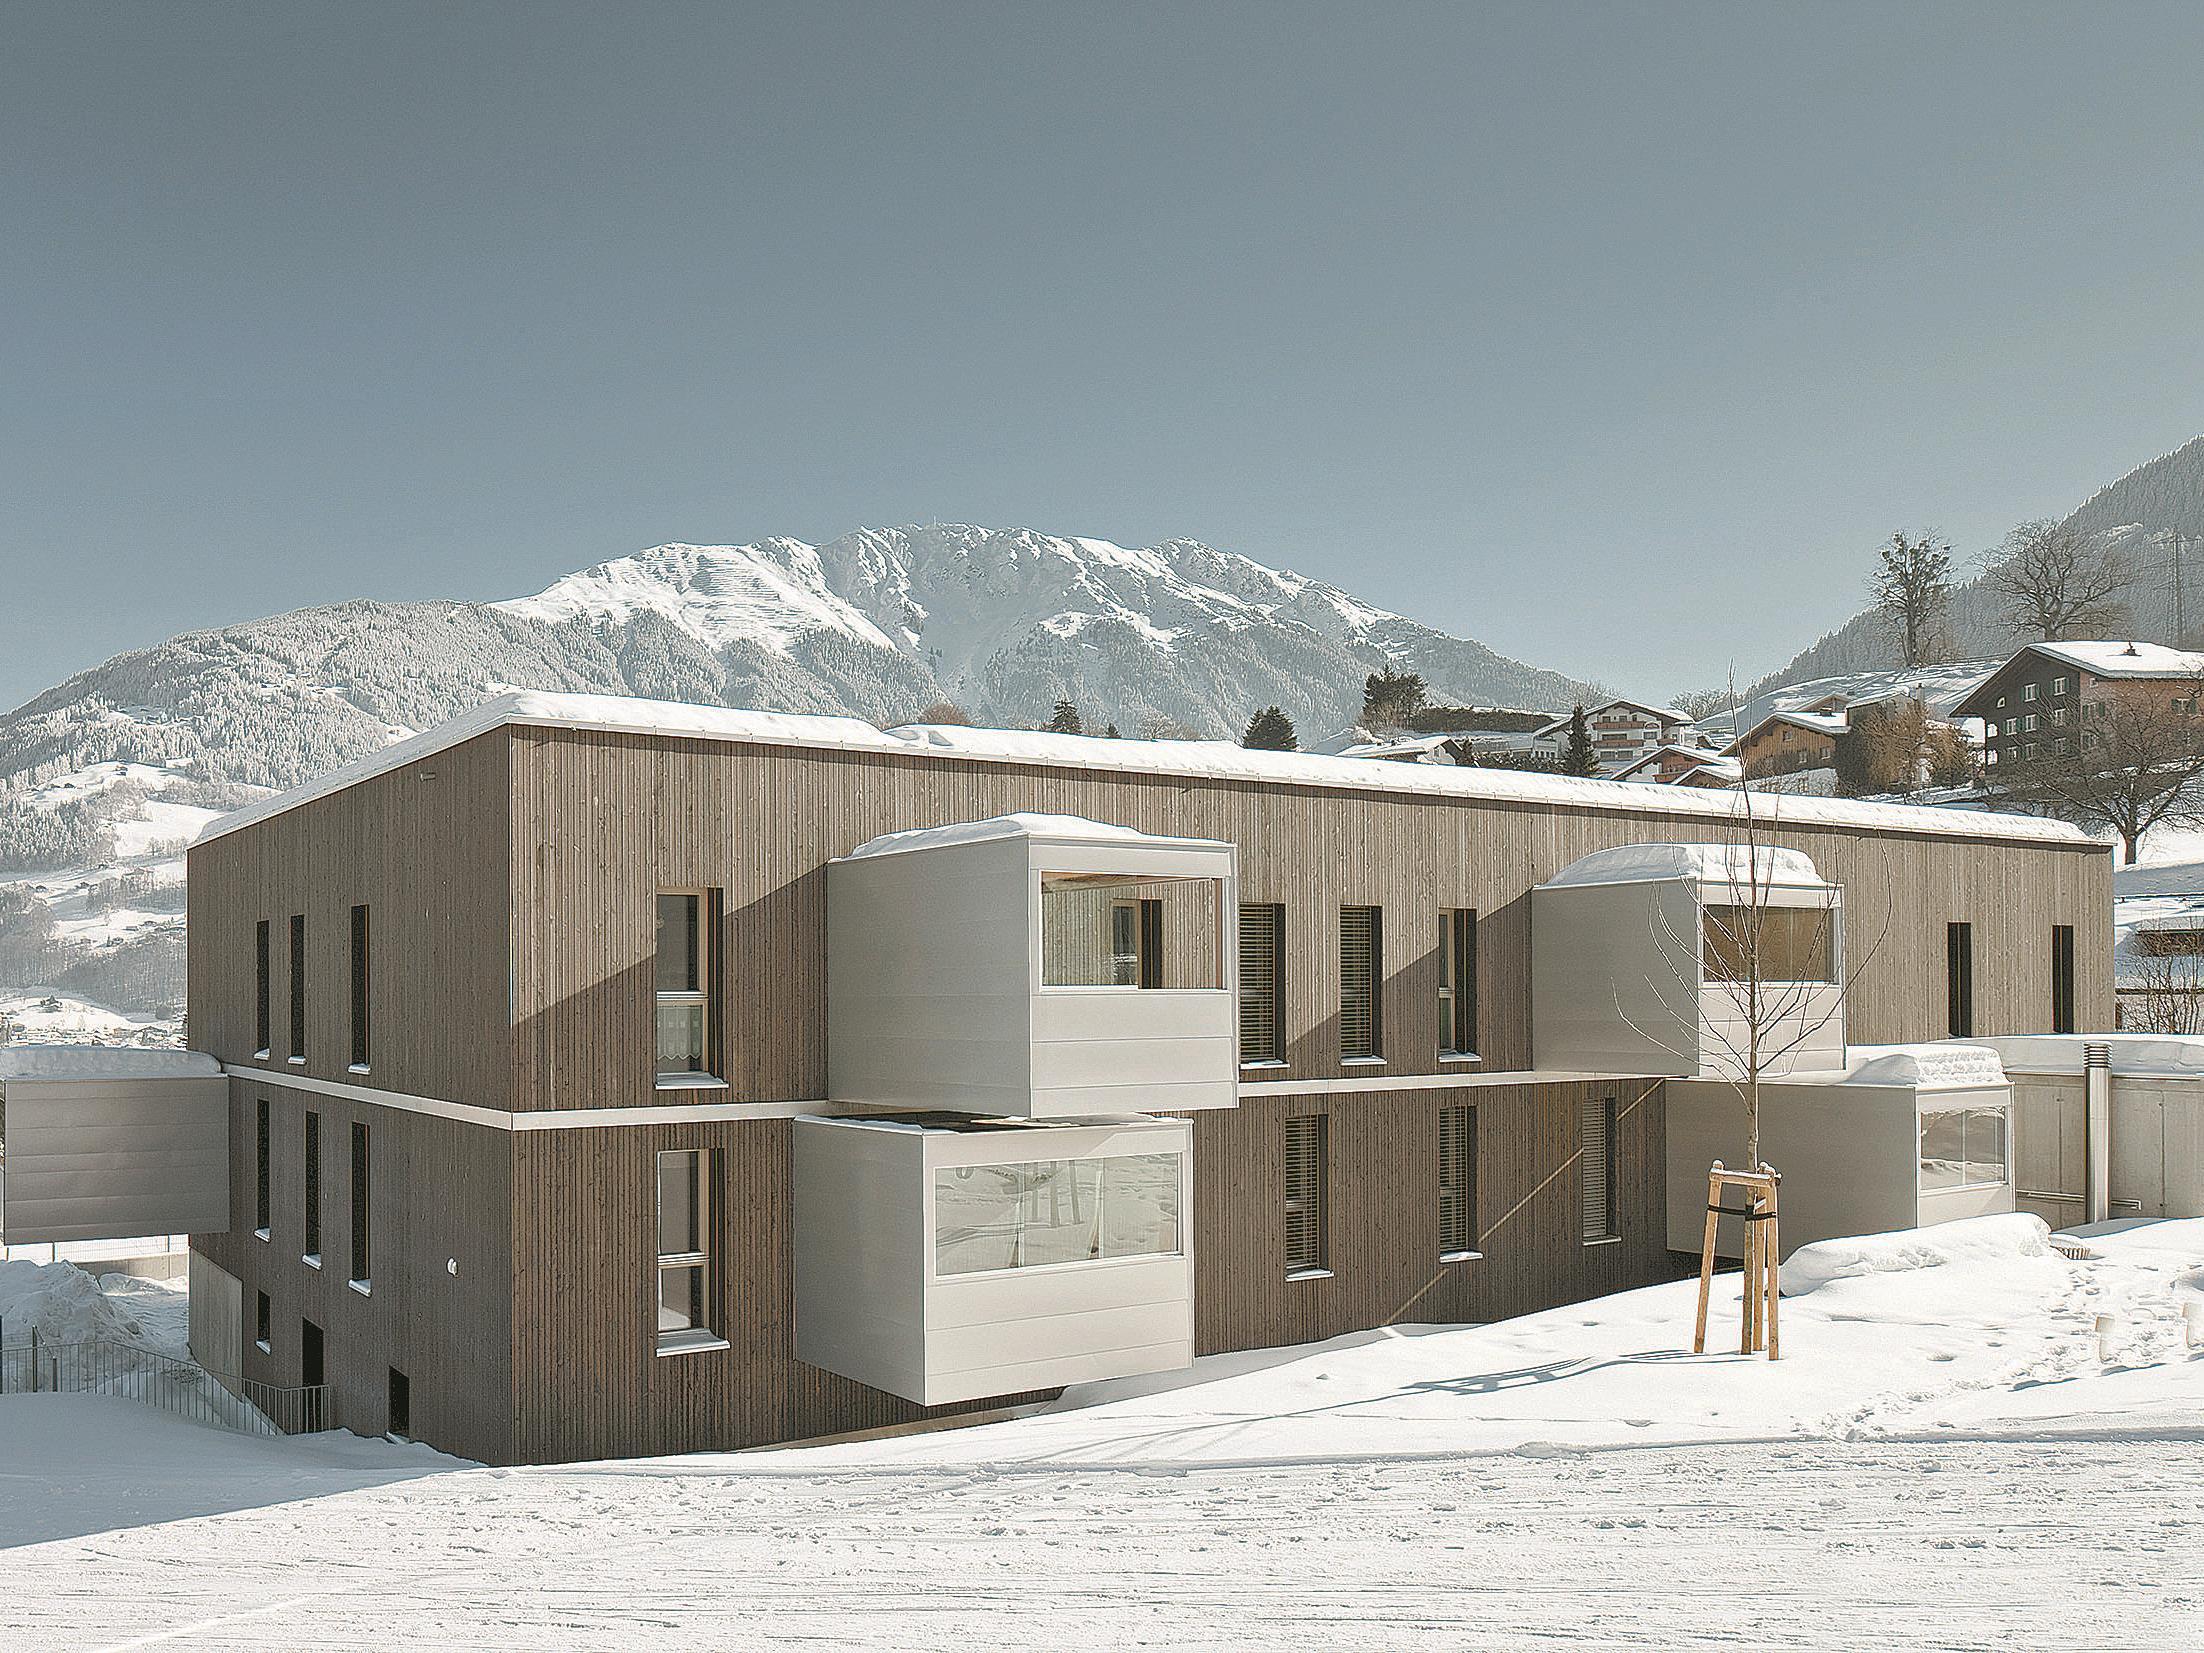 Die Architekten treffen im Erscheinungsbild eine gediegene modernistische Note.